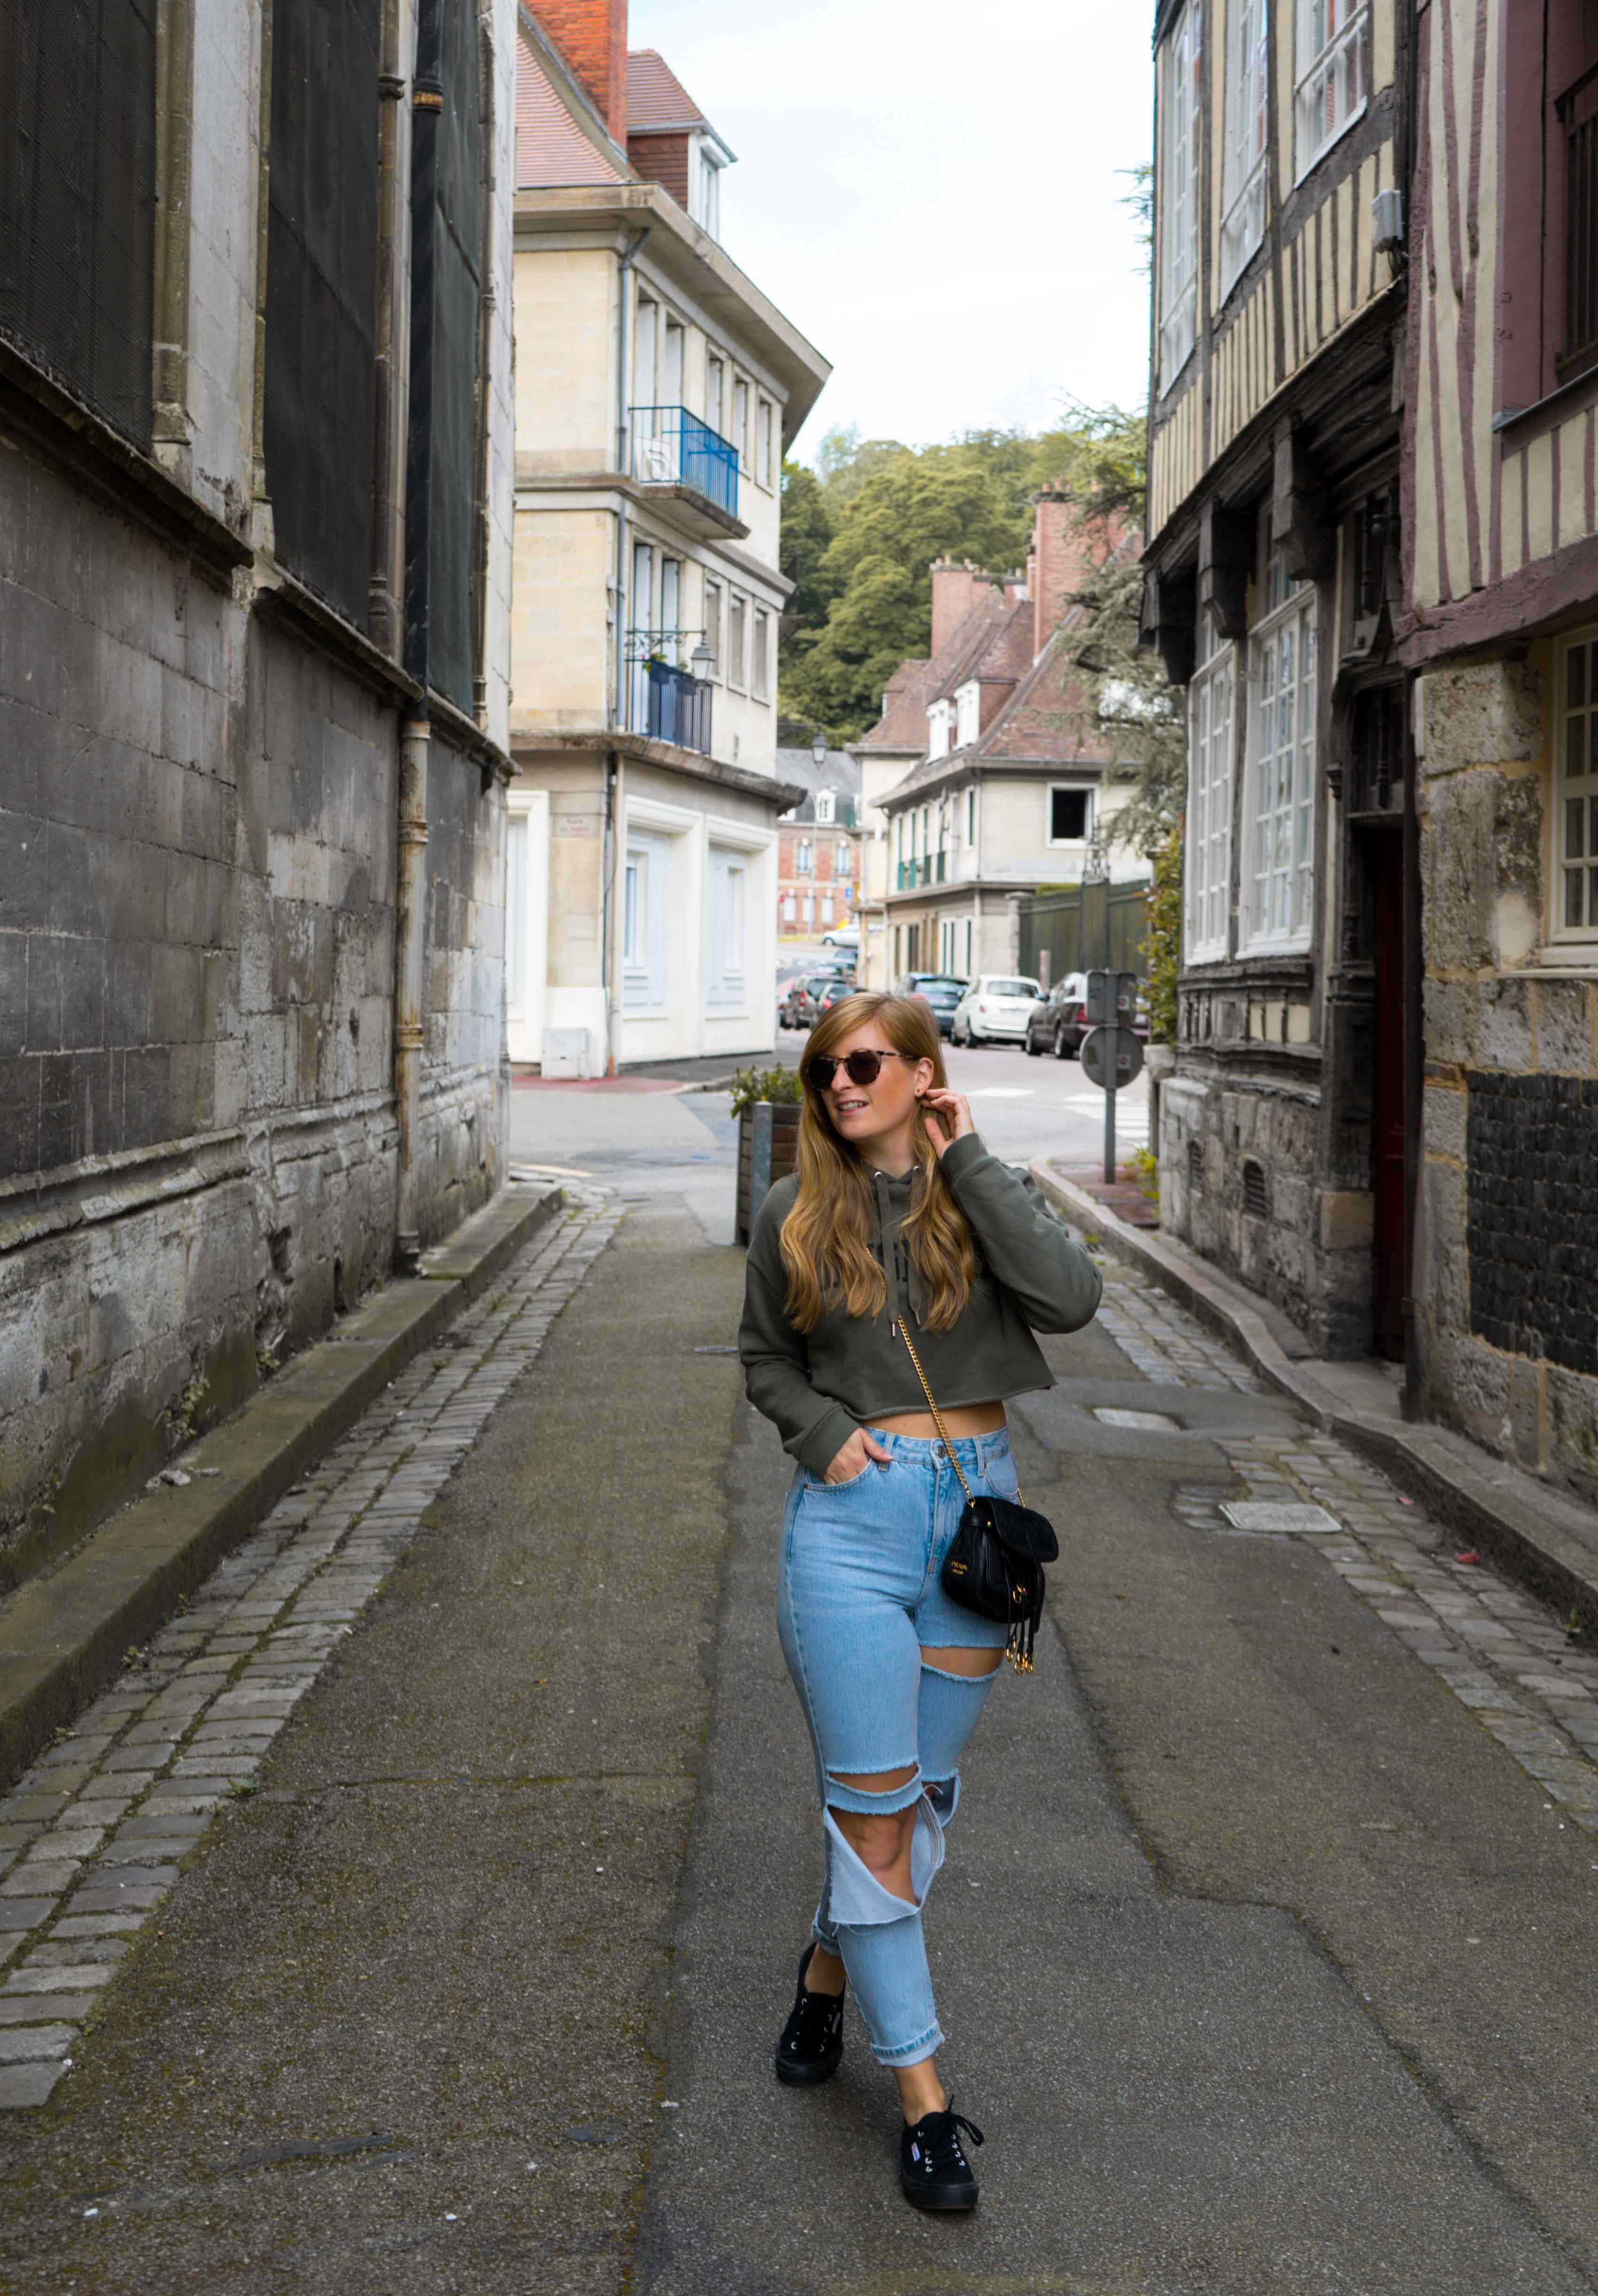 Two Ways to Style Ripped Jeans kombinieren Crop Sweater bauchfrei Sightseeing Look Modeblog Modeblogger Prada Umhängetasche schwarz gold 2